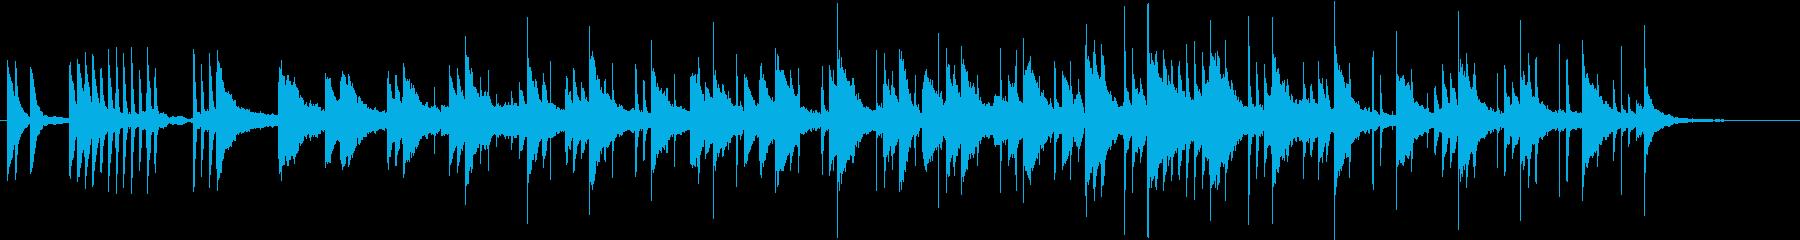 チル、和音階、シンセとピアノのバラードの再生済みの波形